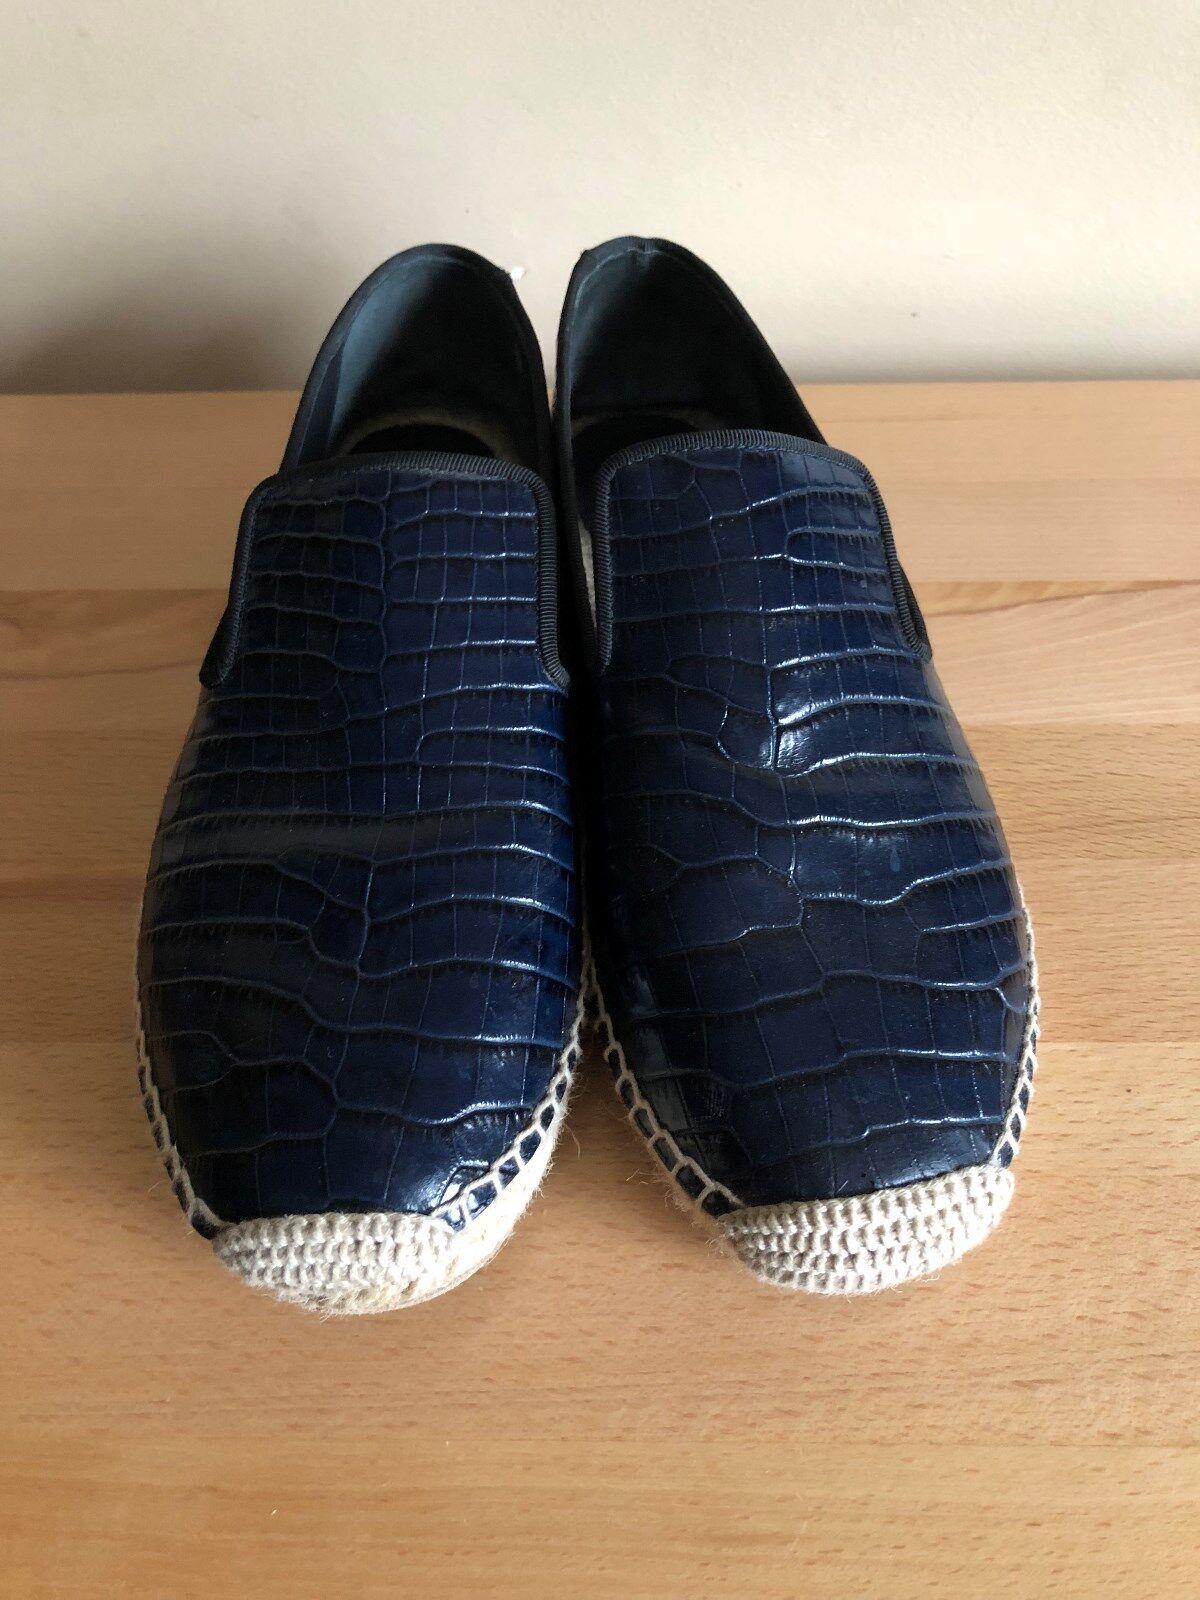 promozioni di squadra Celine Celine Celine Navy blu  Alligator  Leather Style Espadrille Slipper Flats Dimensione 39  spedizione gratuita